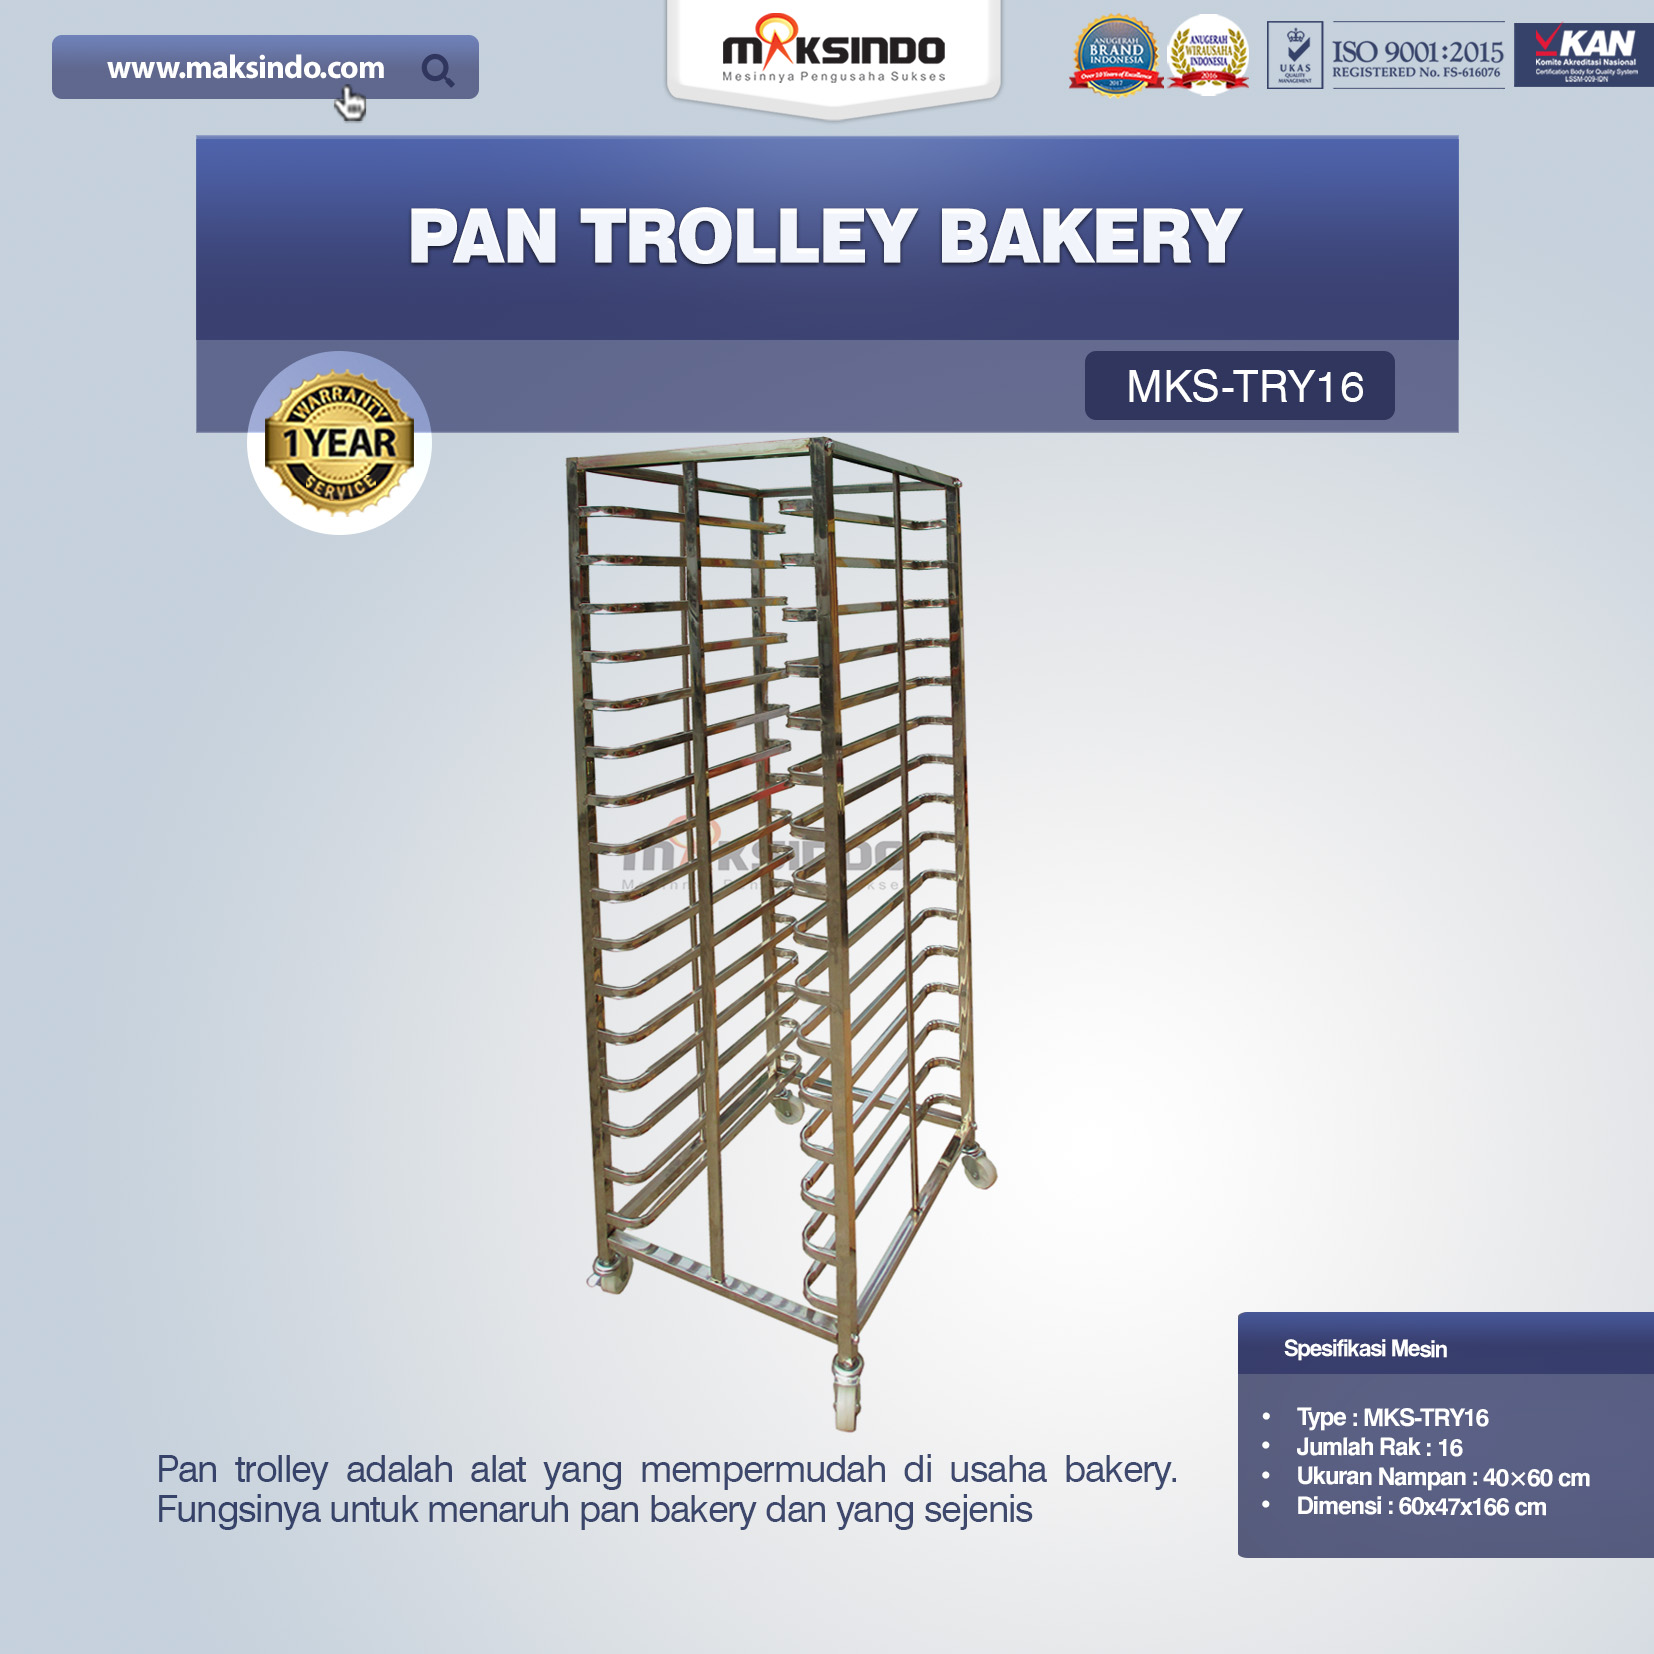 Jual Pan Trolley Bakery (MKS-TRY16) di Palembang